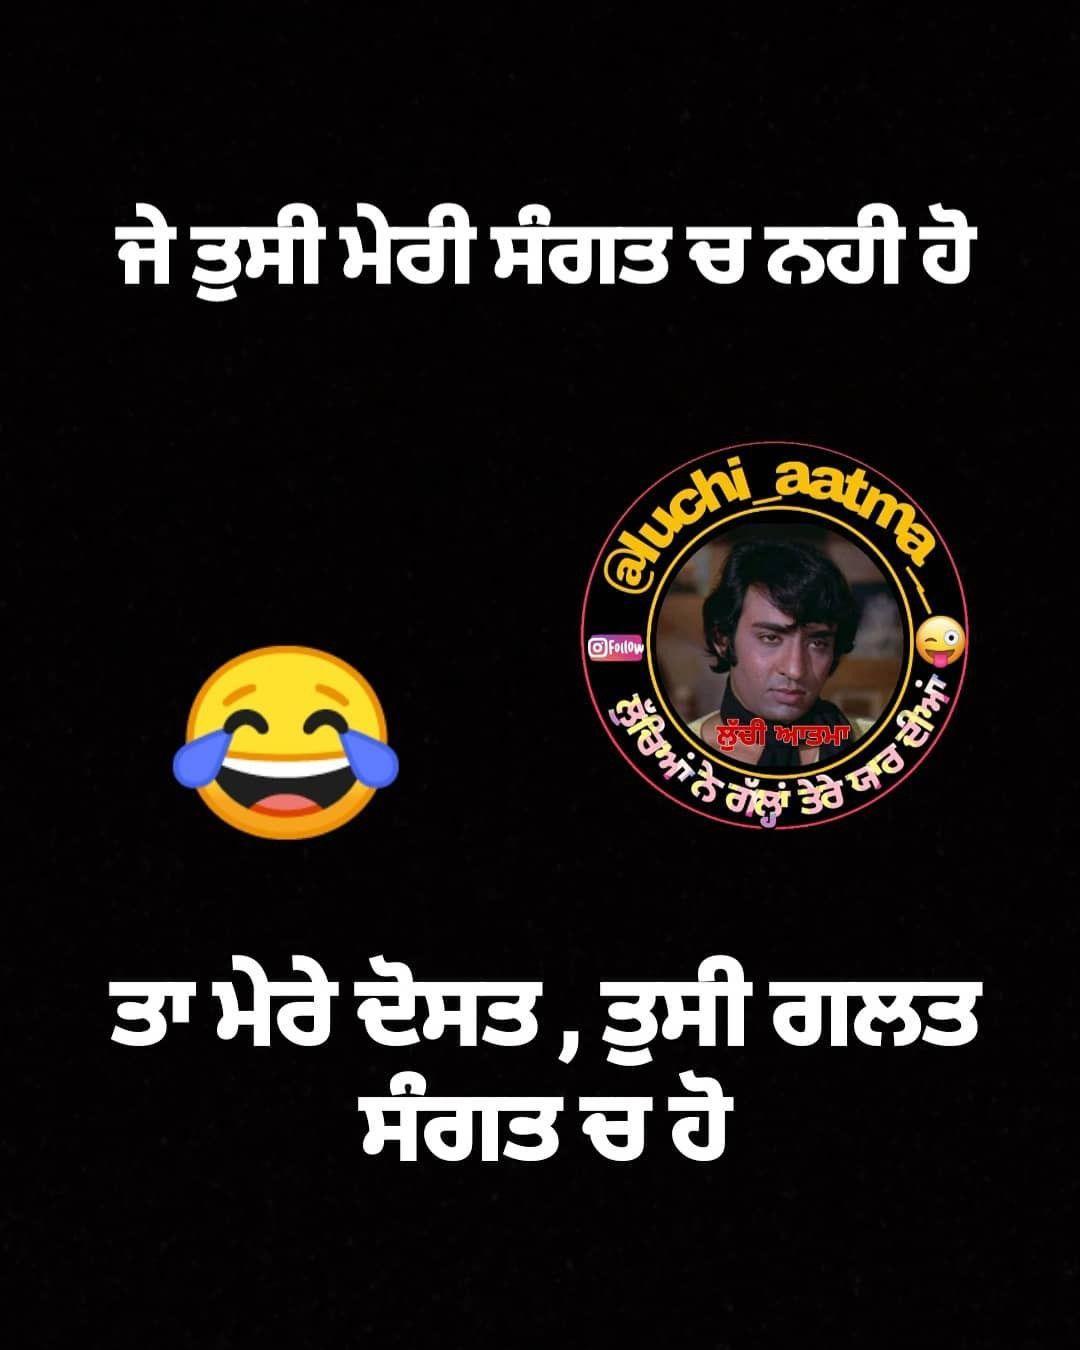 Pin by Guri_Malhi on ʜᴀssɪʏᴀ ᴋʜᴇᴅɪʏᴀ Funny quotes